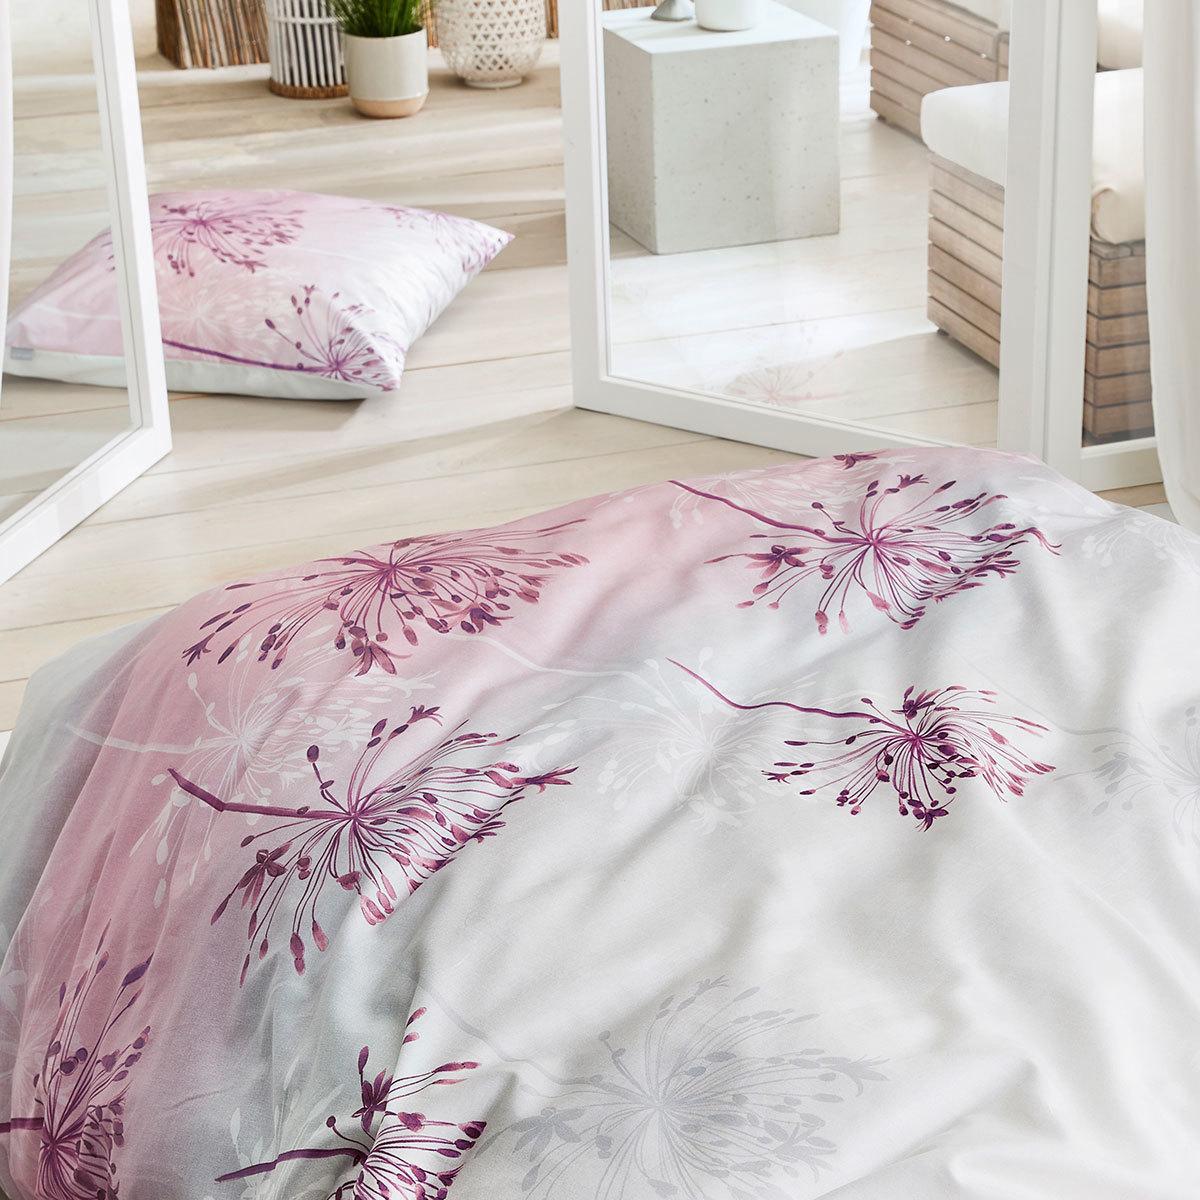 ibena mako satin bettw sche zeitgeist almelo g nstig. Black Bedroom Furniture Sets. Home Design Ideas